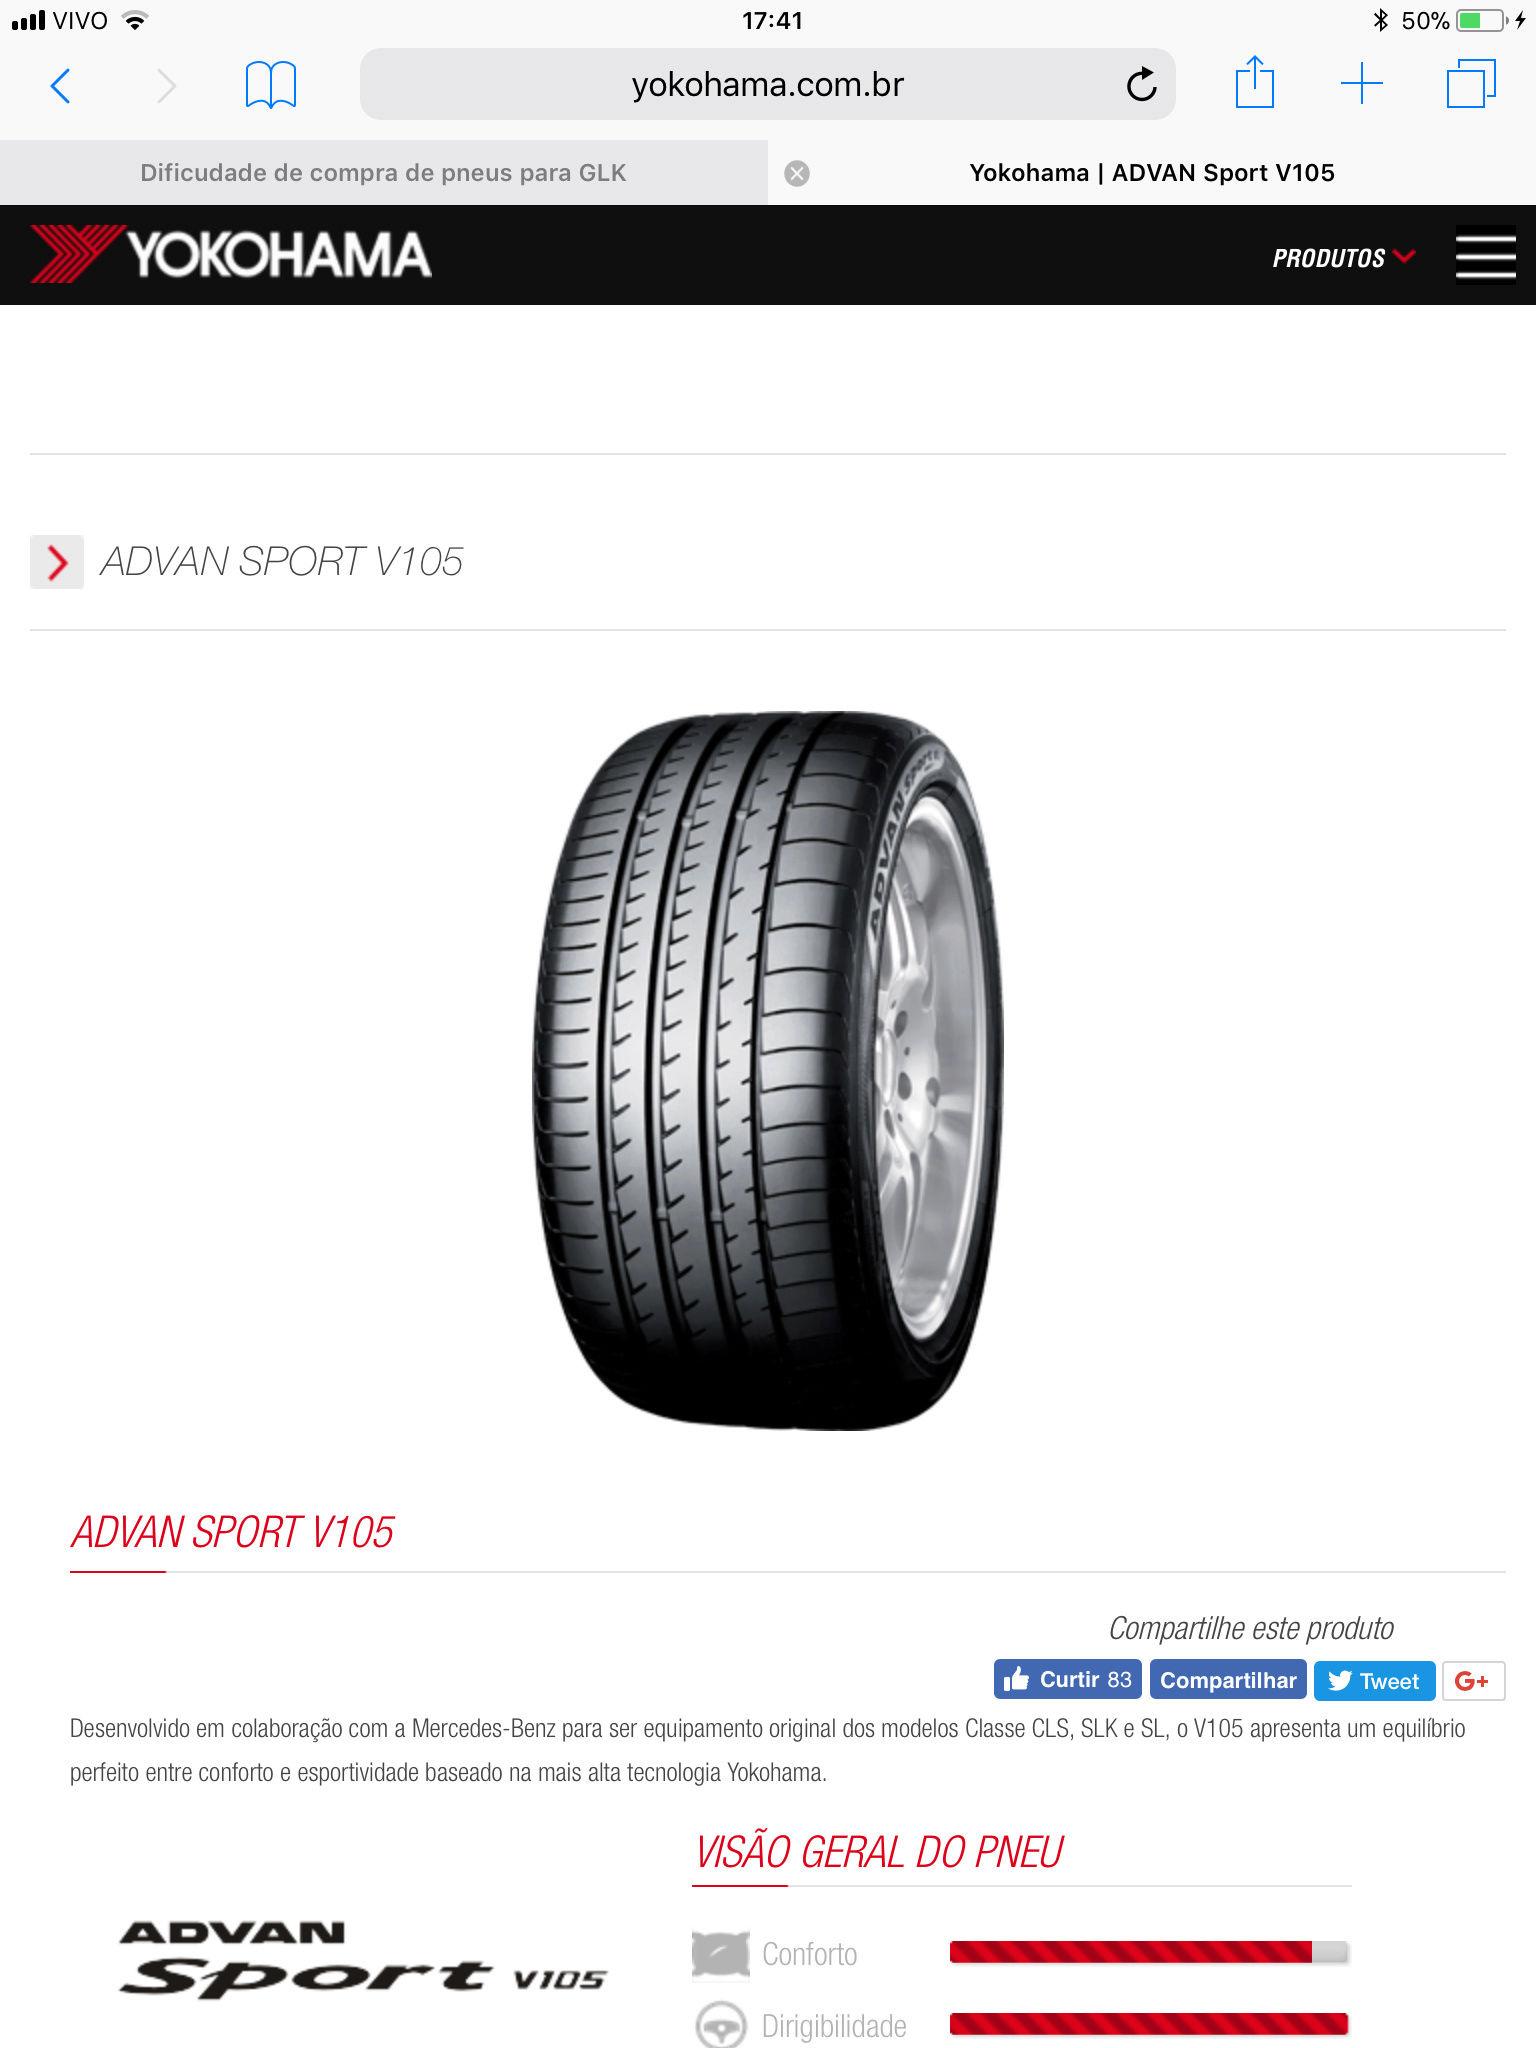 Dificudade de compra de pneus para GLK 9476d310